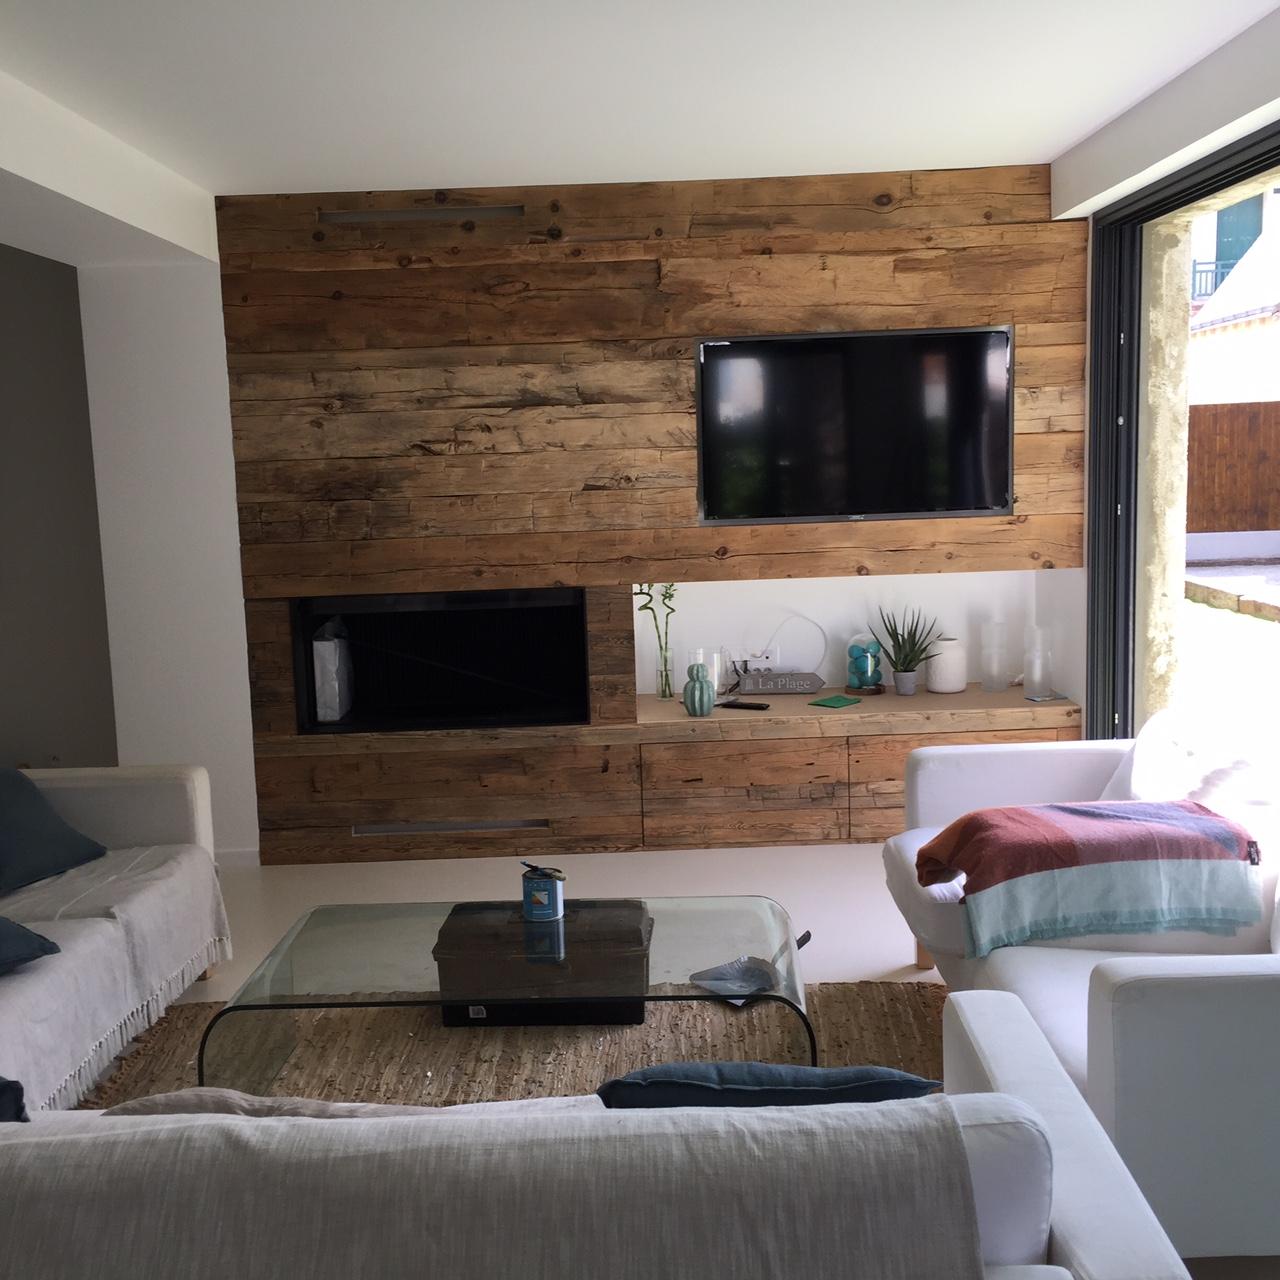 Habillage De Mur Intérieur habillage intérieur - la grange à bois